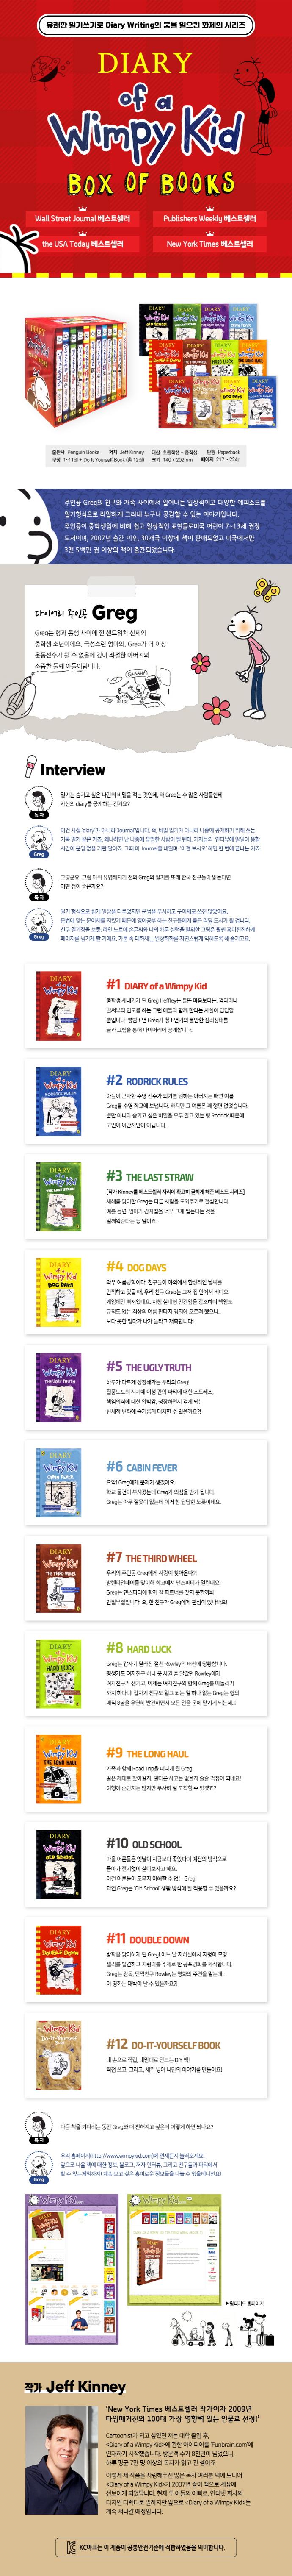 윔피키드 Diary of a Wimpy Kid Collection (12 Books) 도서 상세이미지